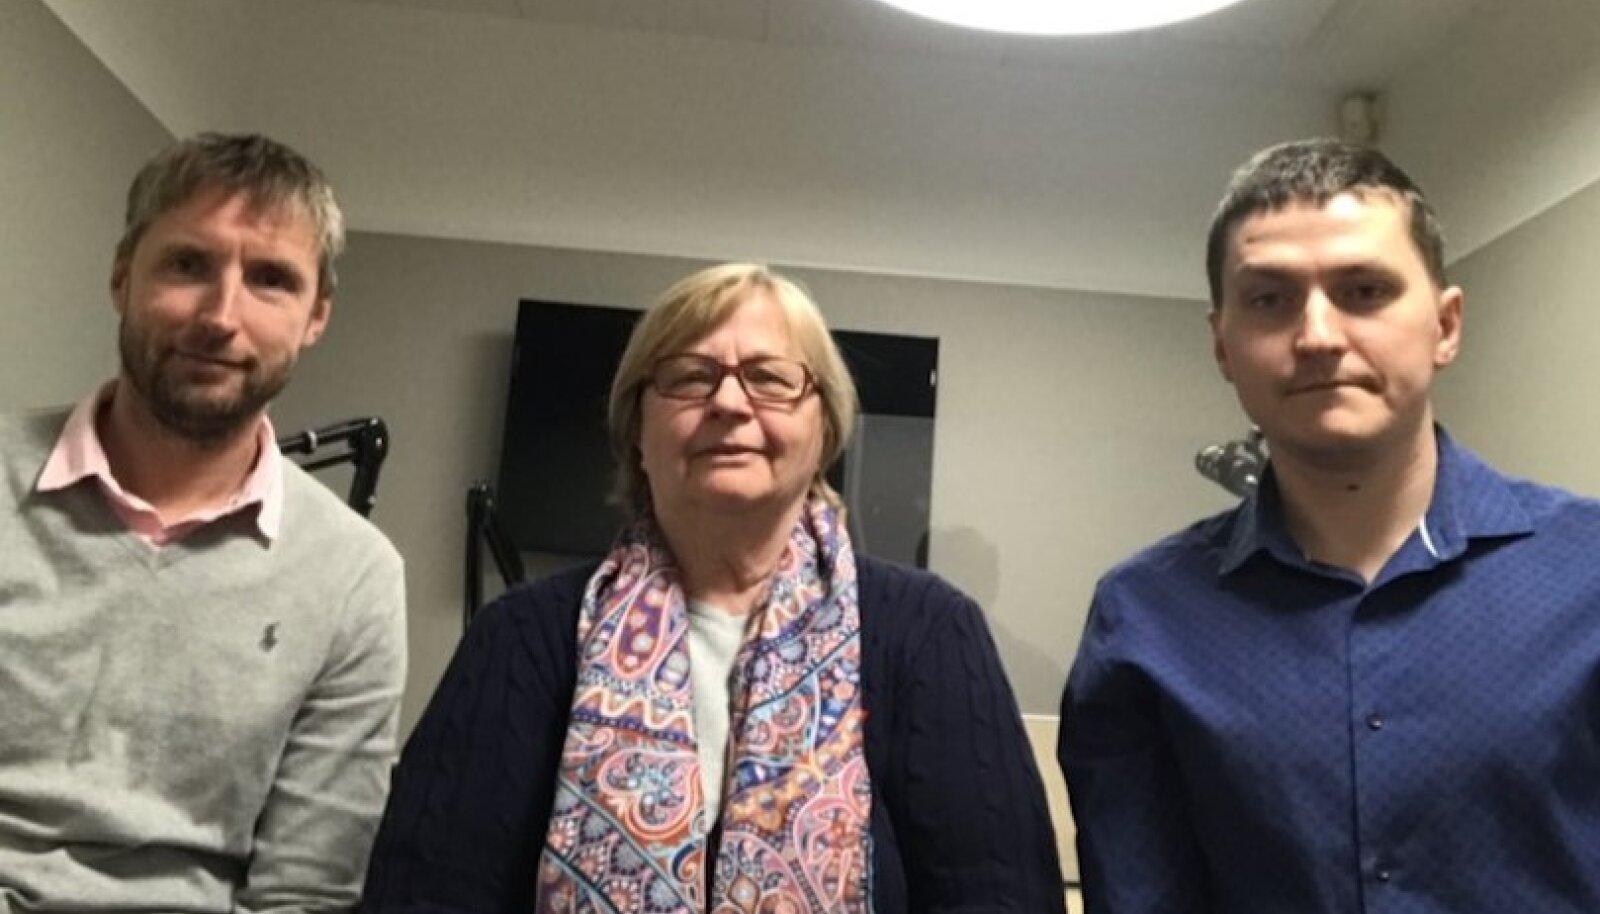 Riho Kallus, Aita Põldma ja Gunnar Leheste Delfi Tasku podcasti stuudios.